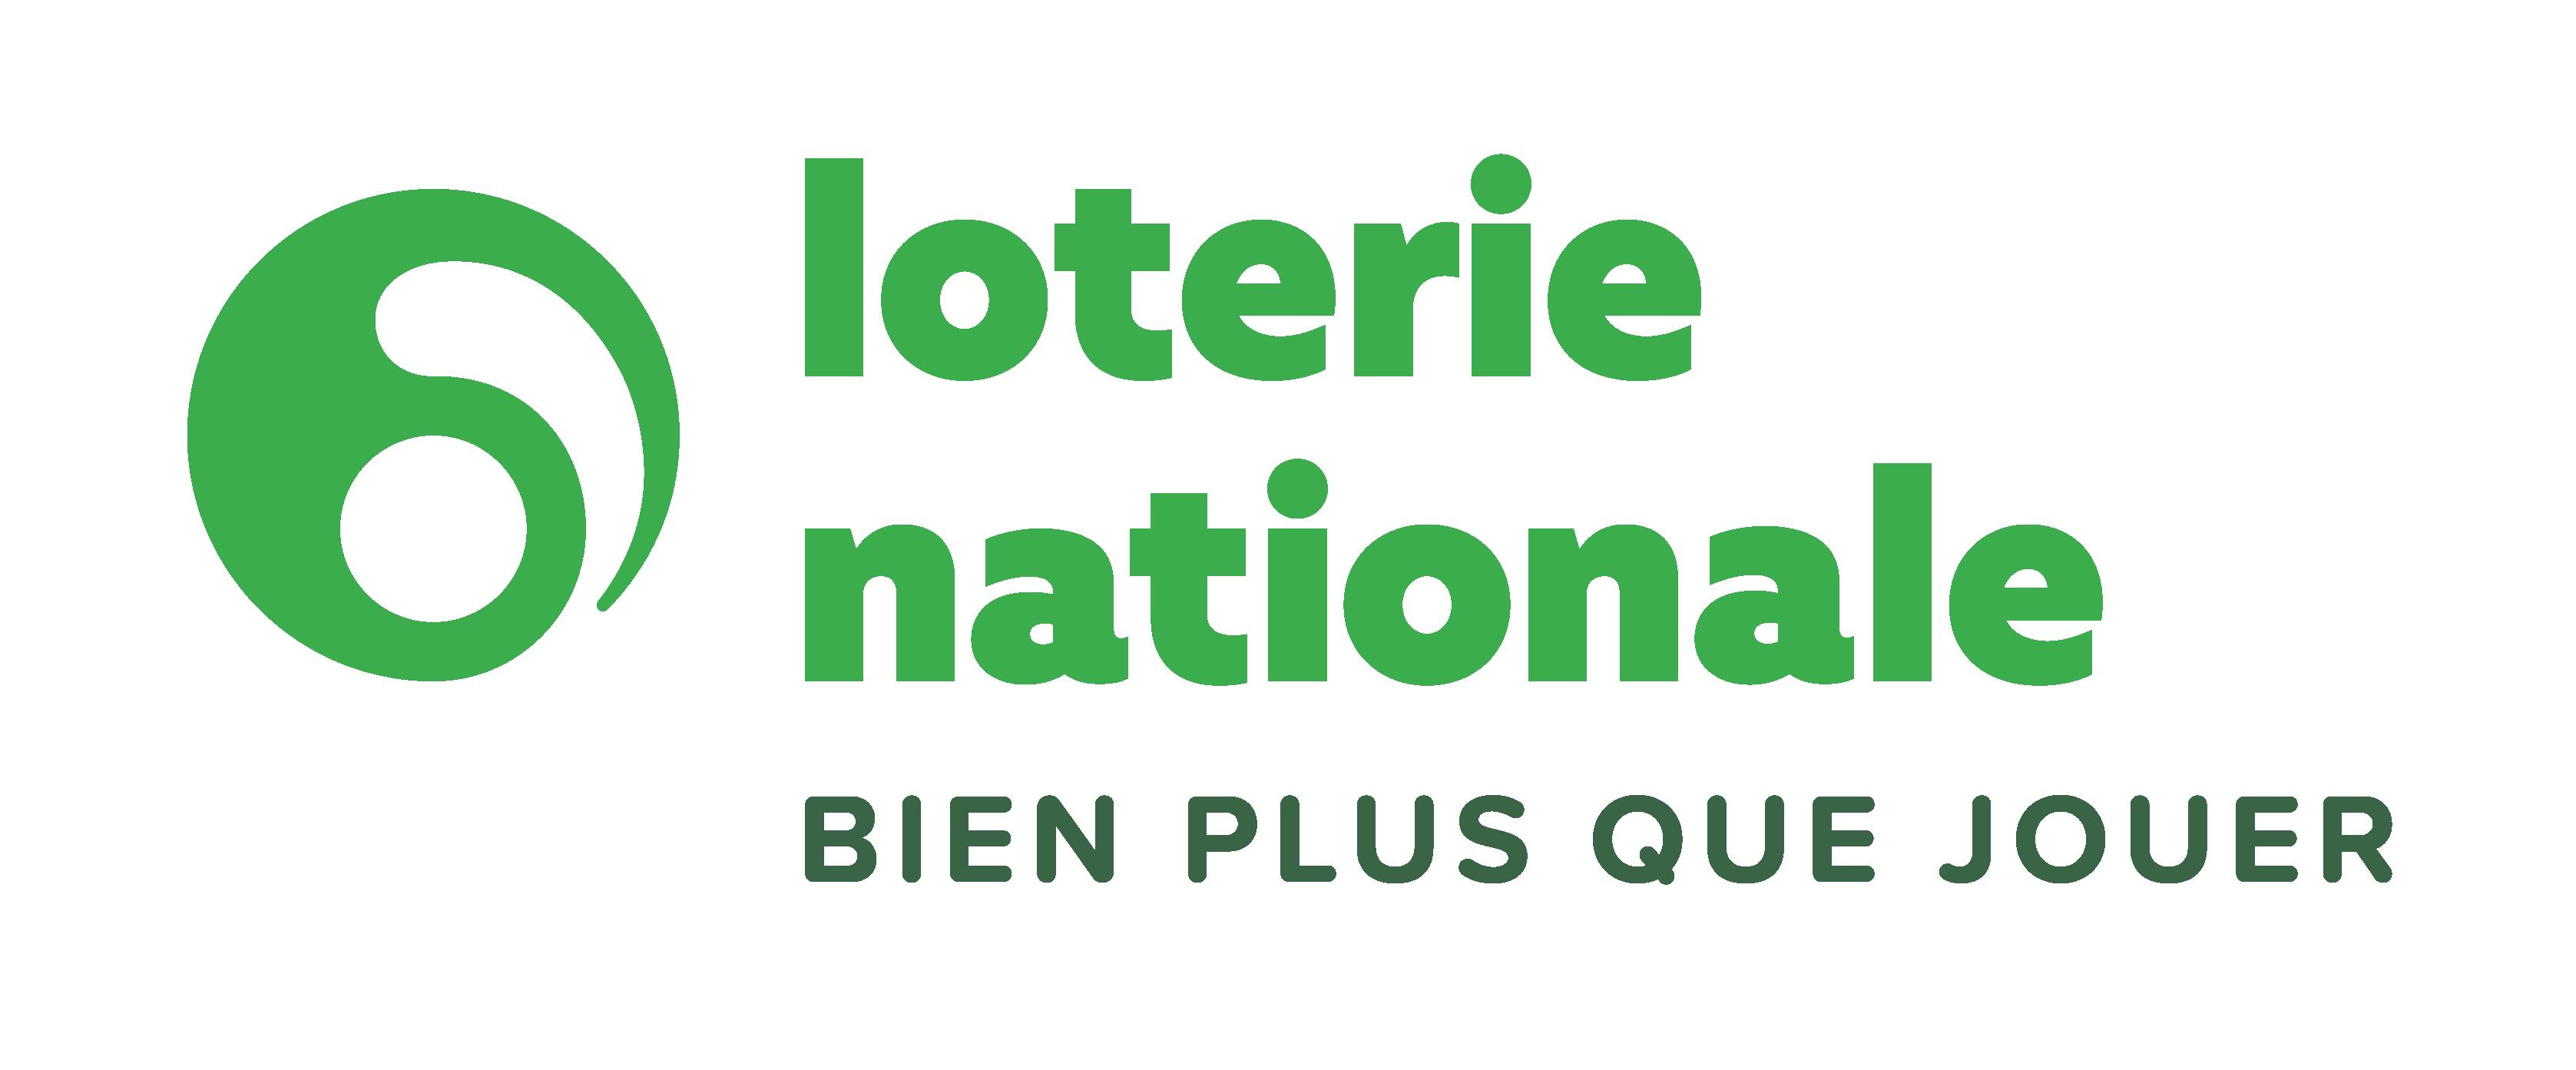 Logo de : La loterie nationale Bien plus que jouer